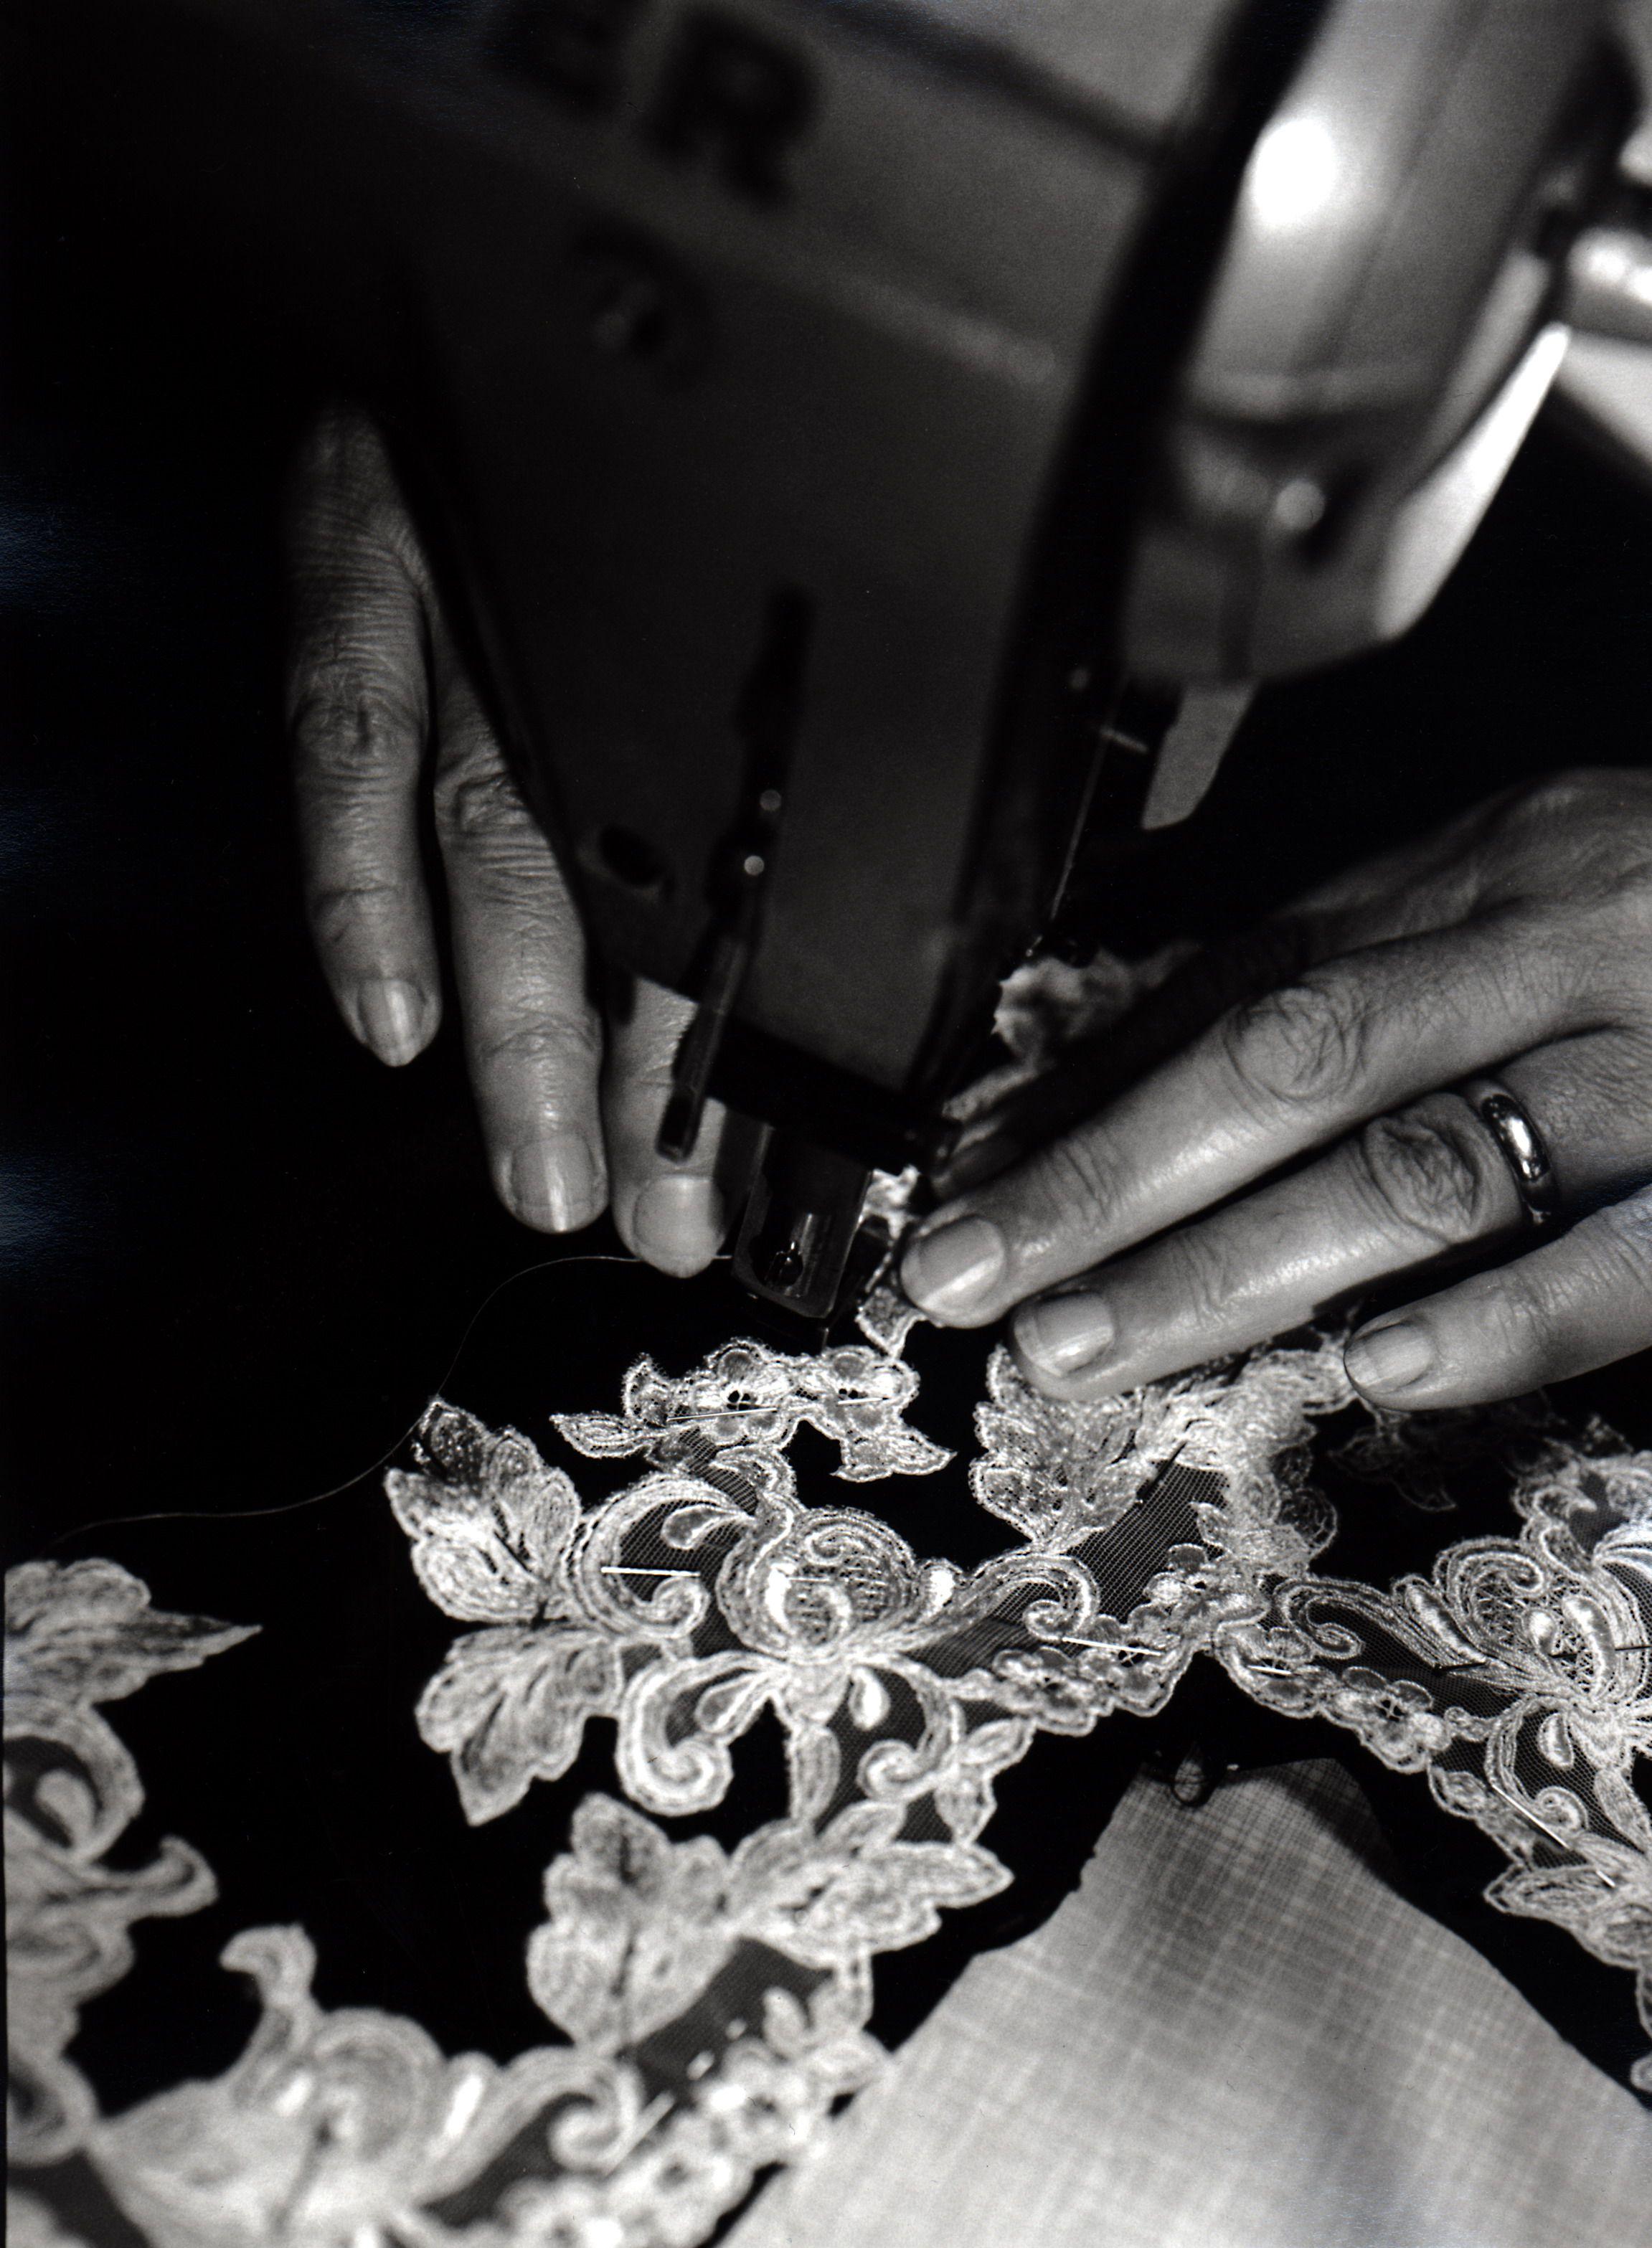 Hands #LaPerla #Lingerie